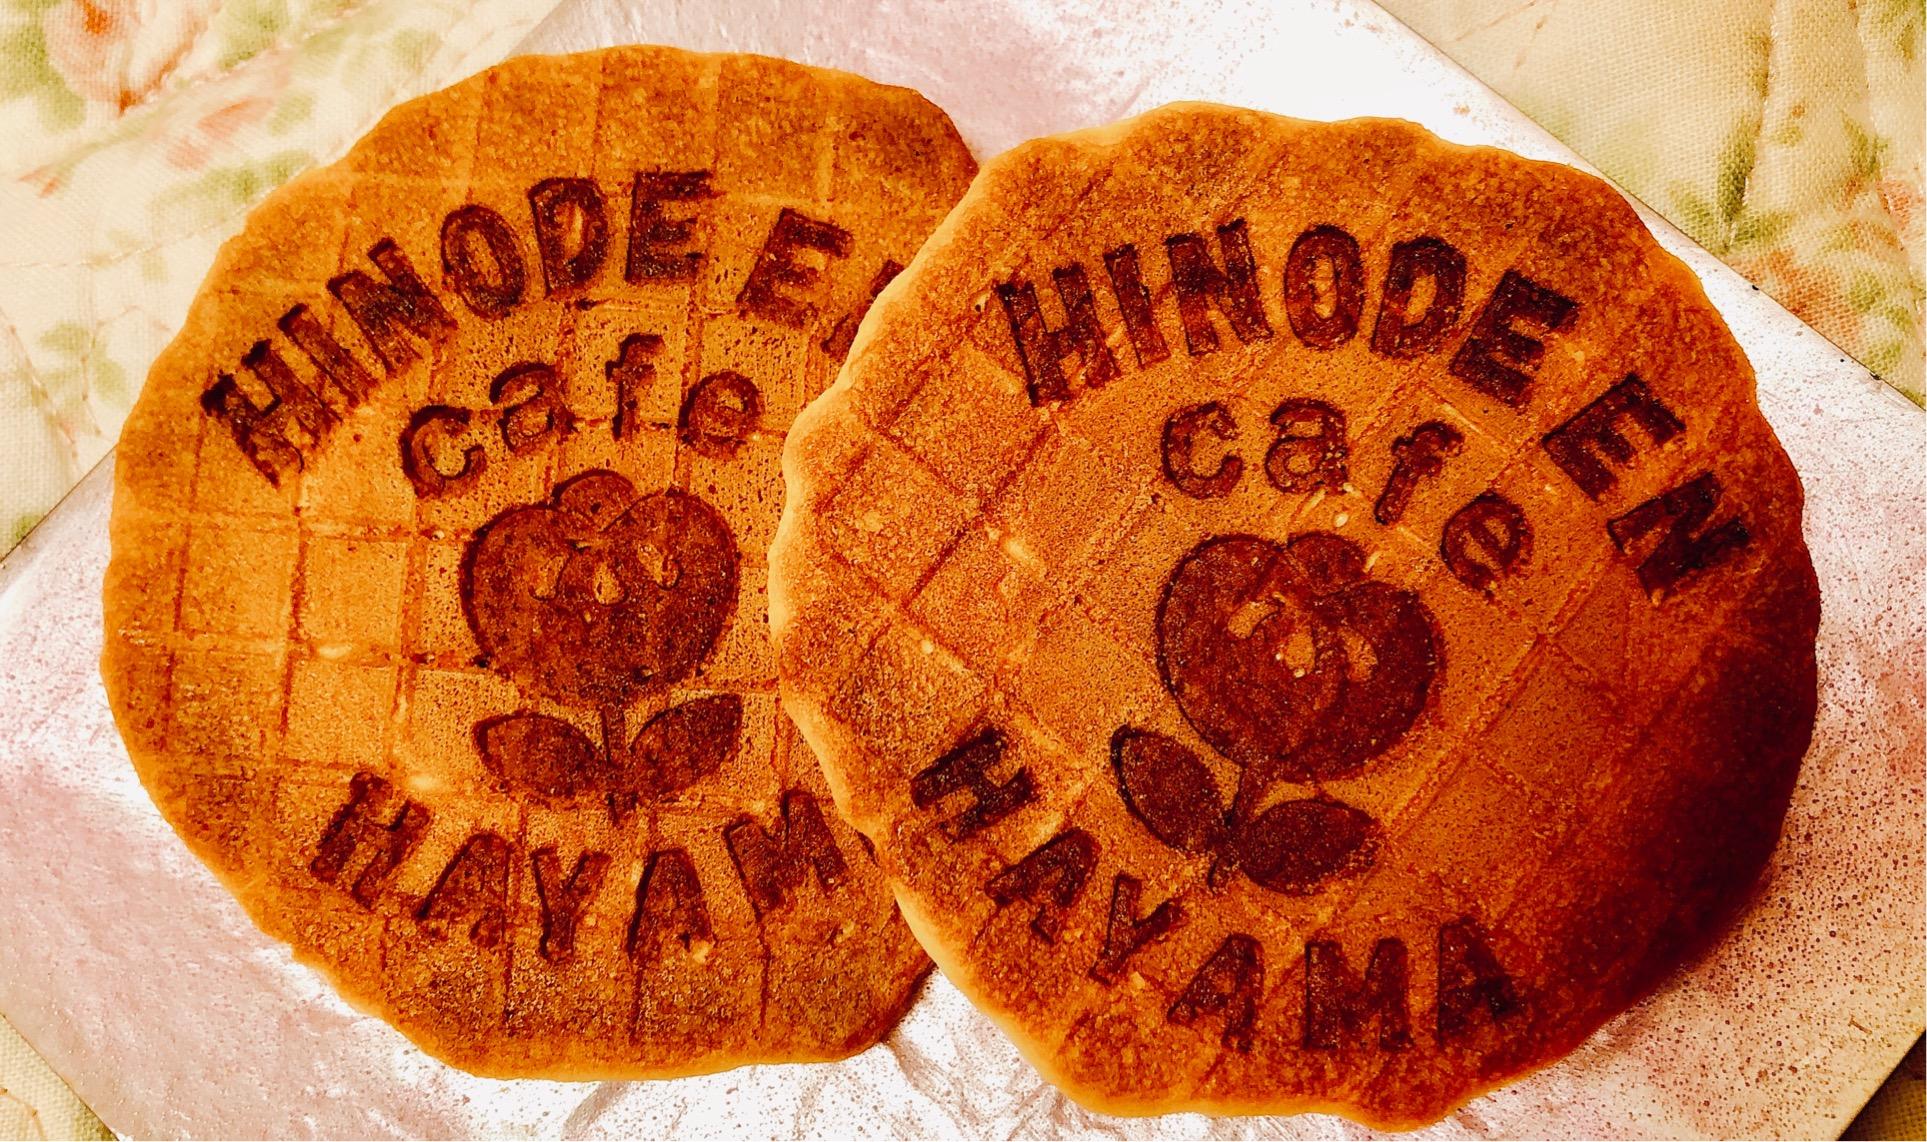 英字で日の出園のロゴが入ったクッキーは、海外の方にも喜ばれるかもしれない。